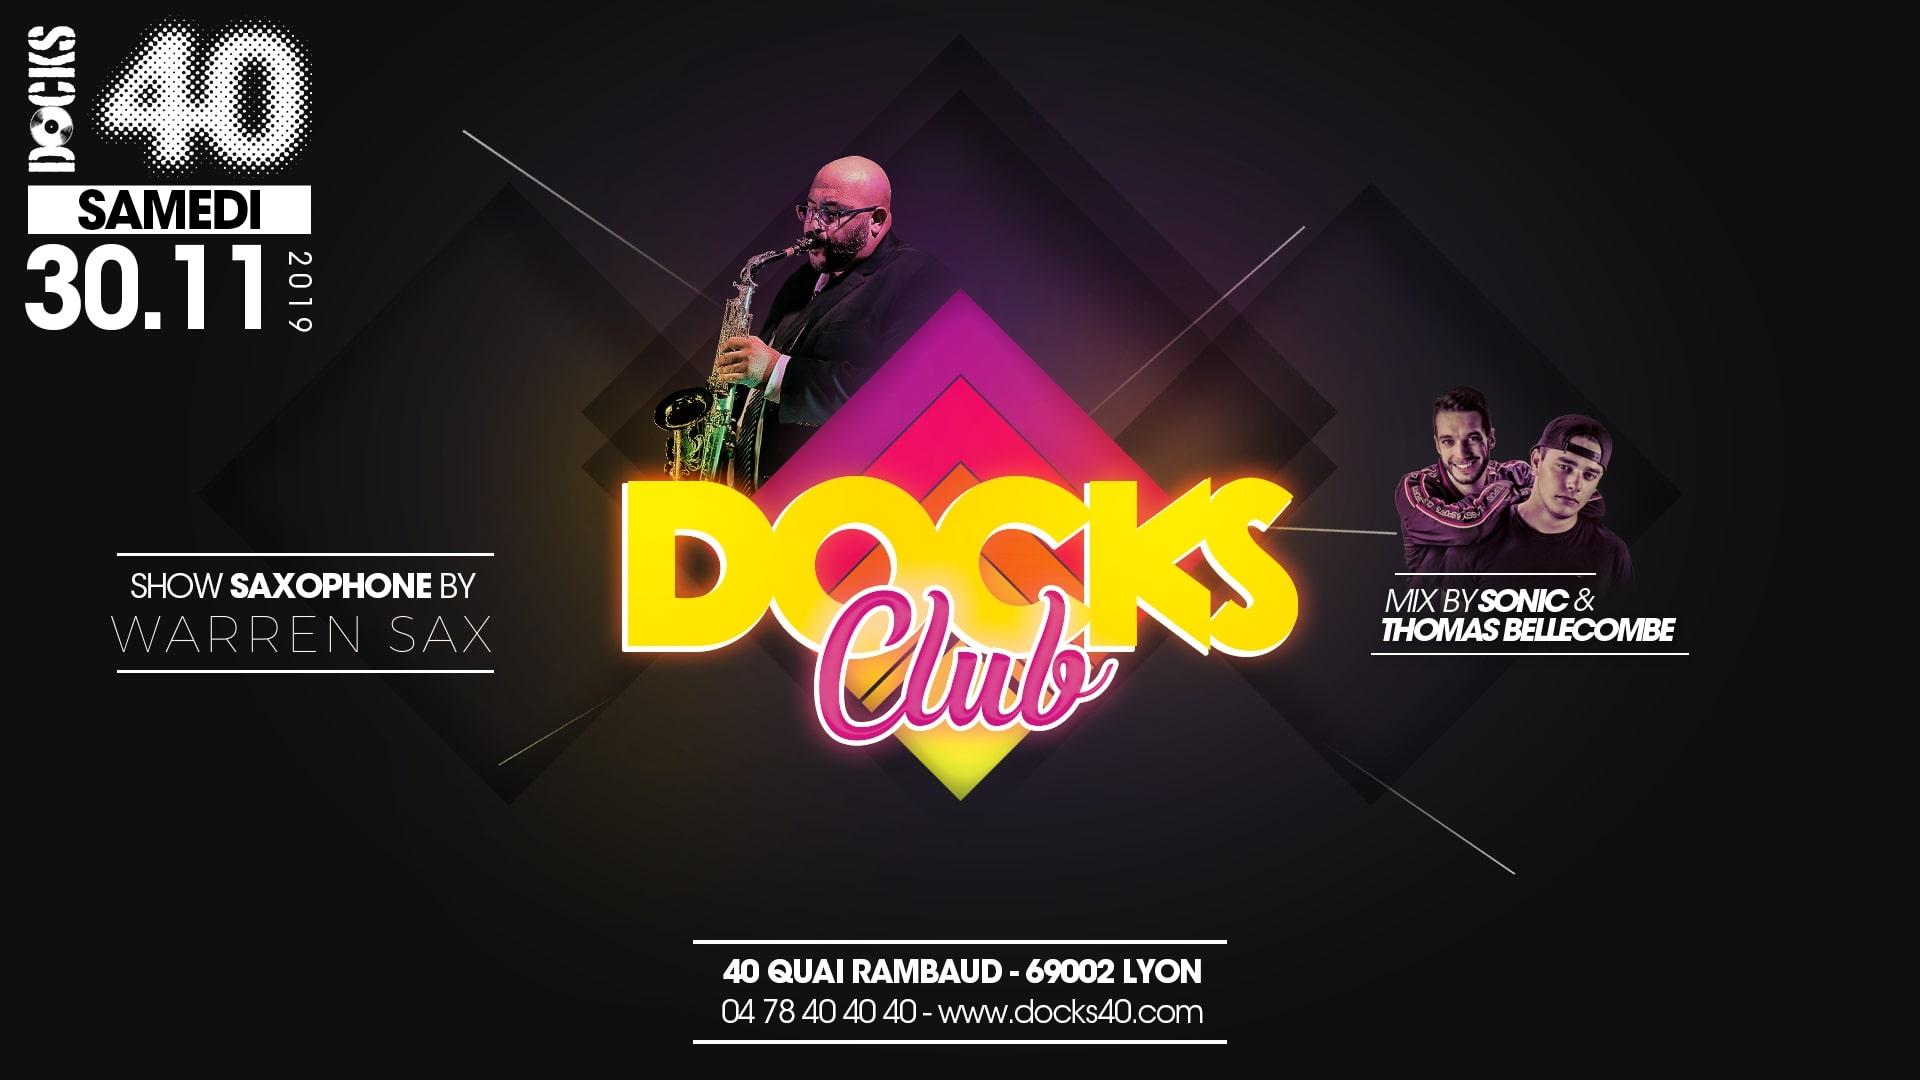 Docks Club - Warren Sax